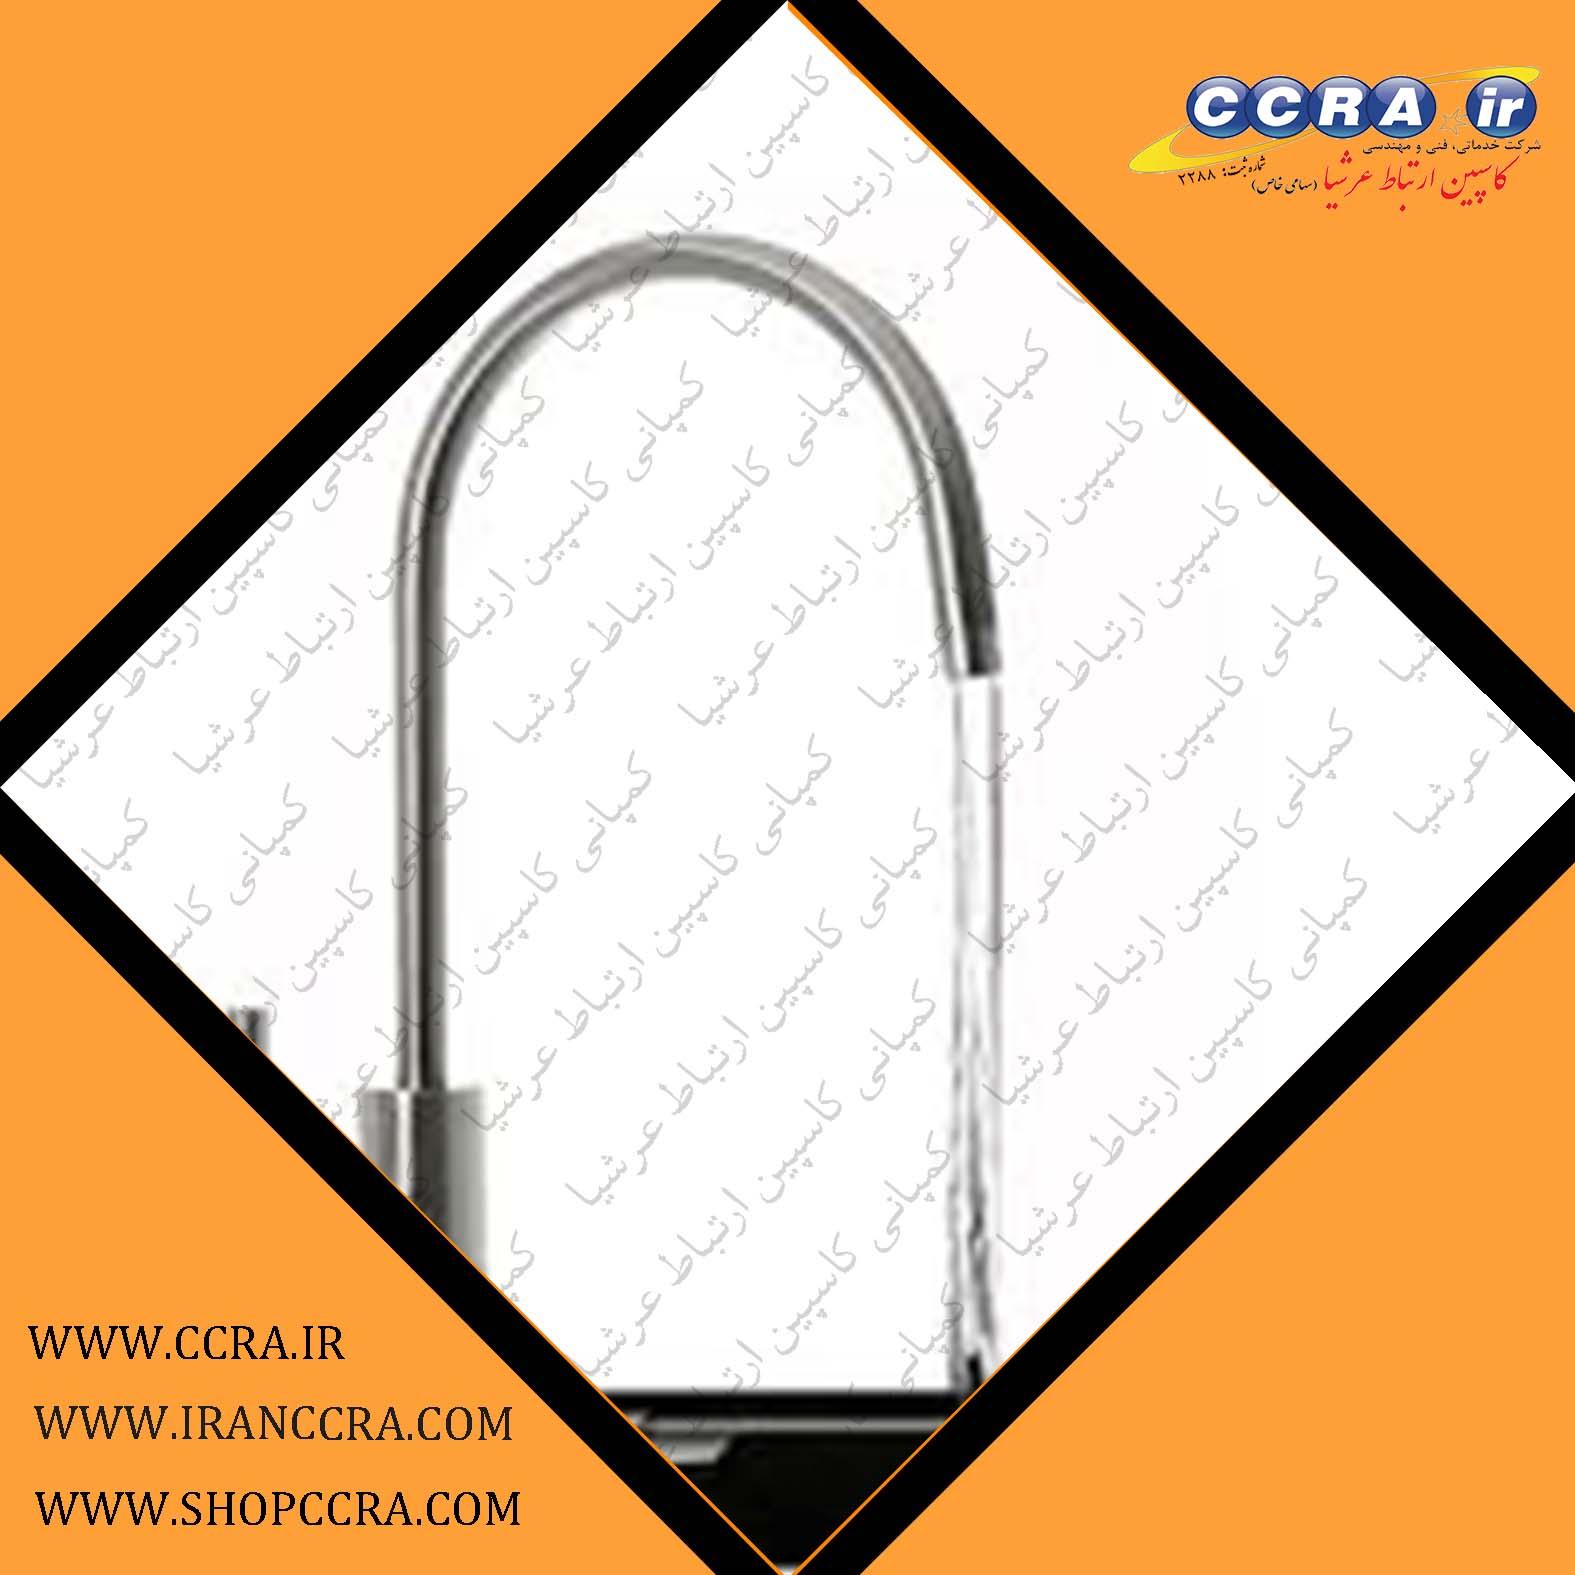 ویژگی های آب خروجی از دستگاه های تصفیه آب خانگی آکوا کلیین